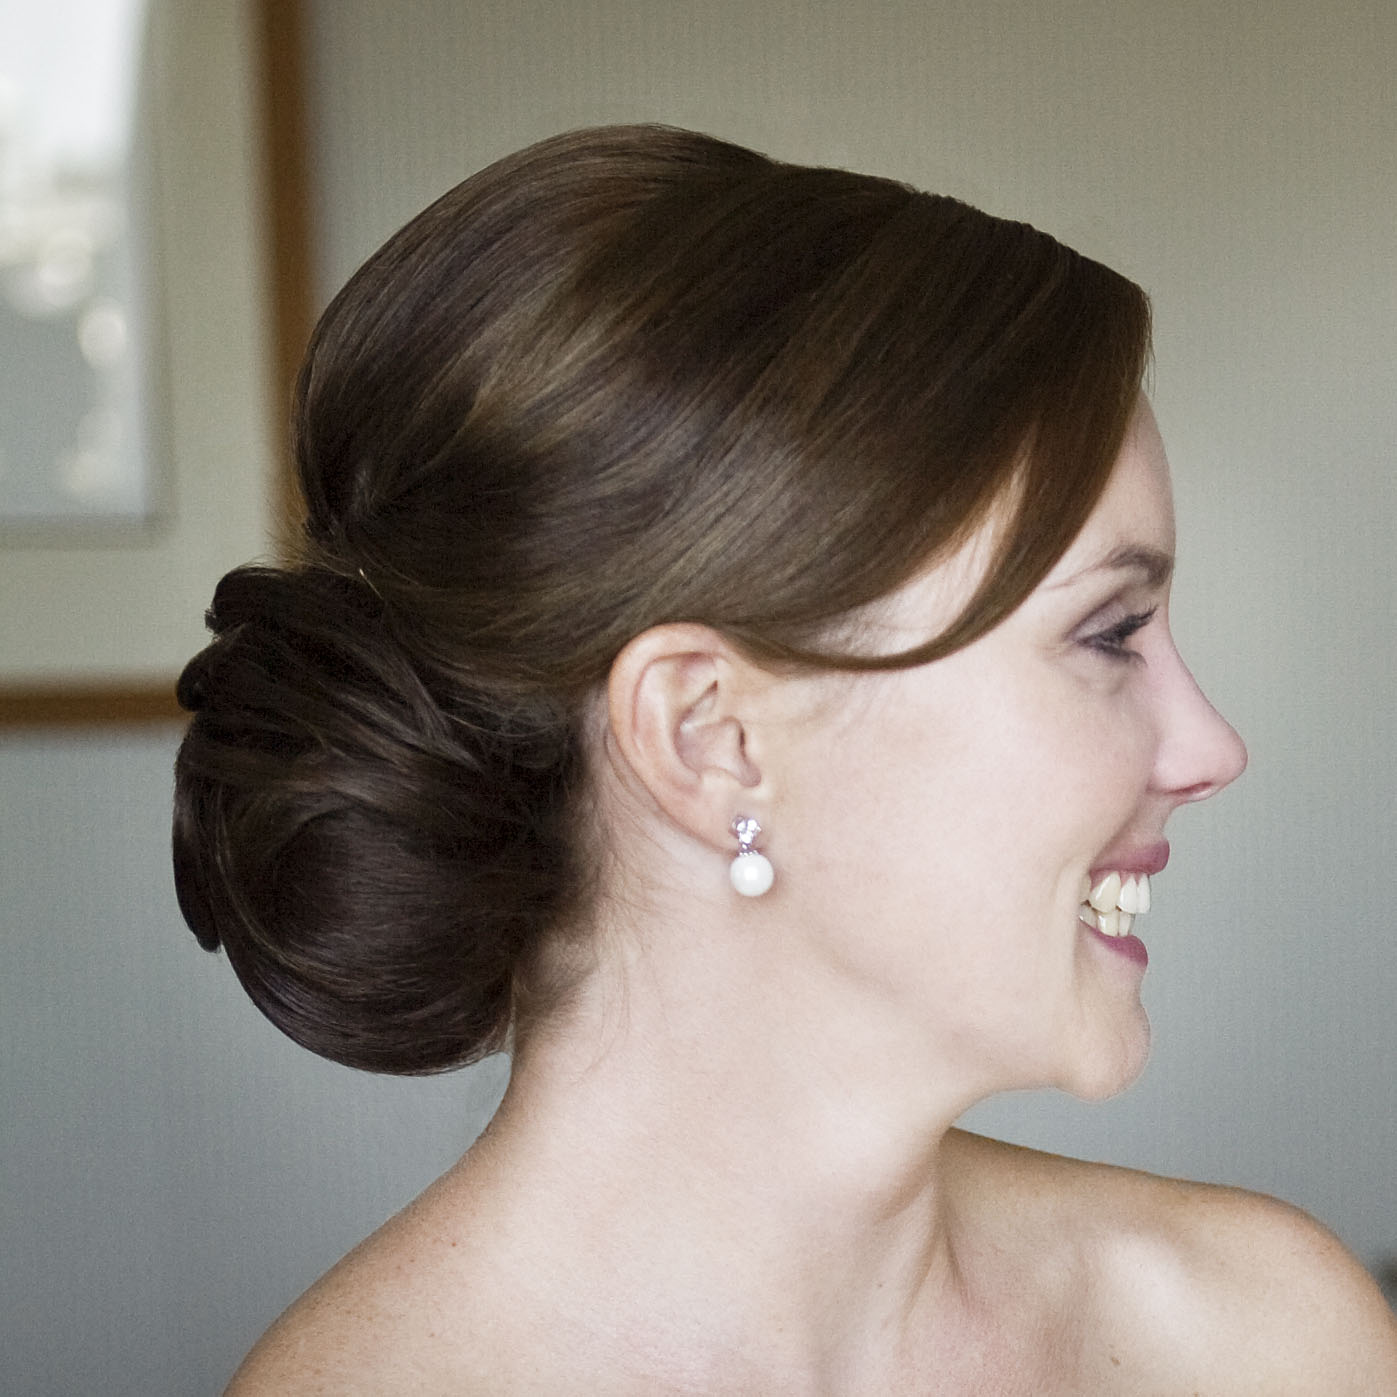 свадебный пучок фото